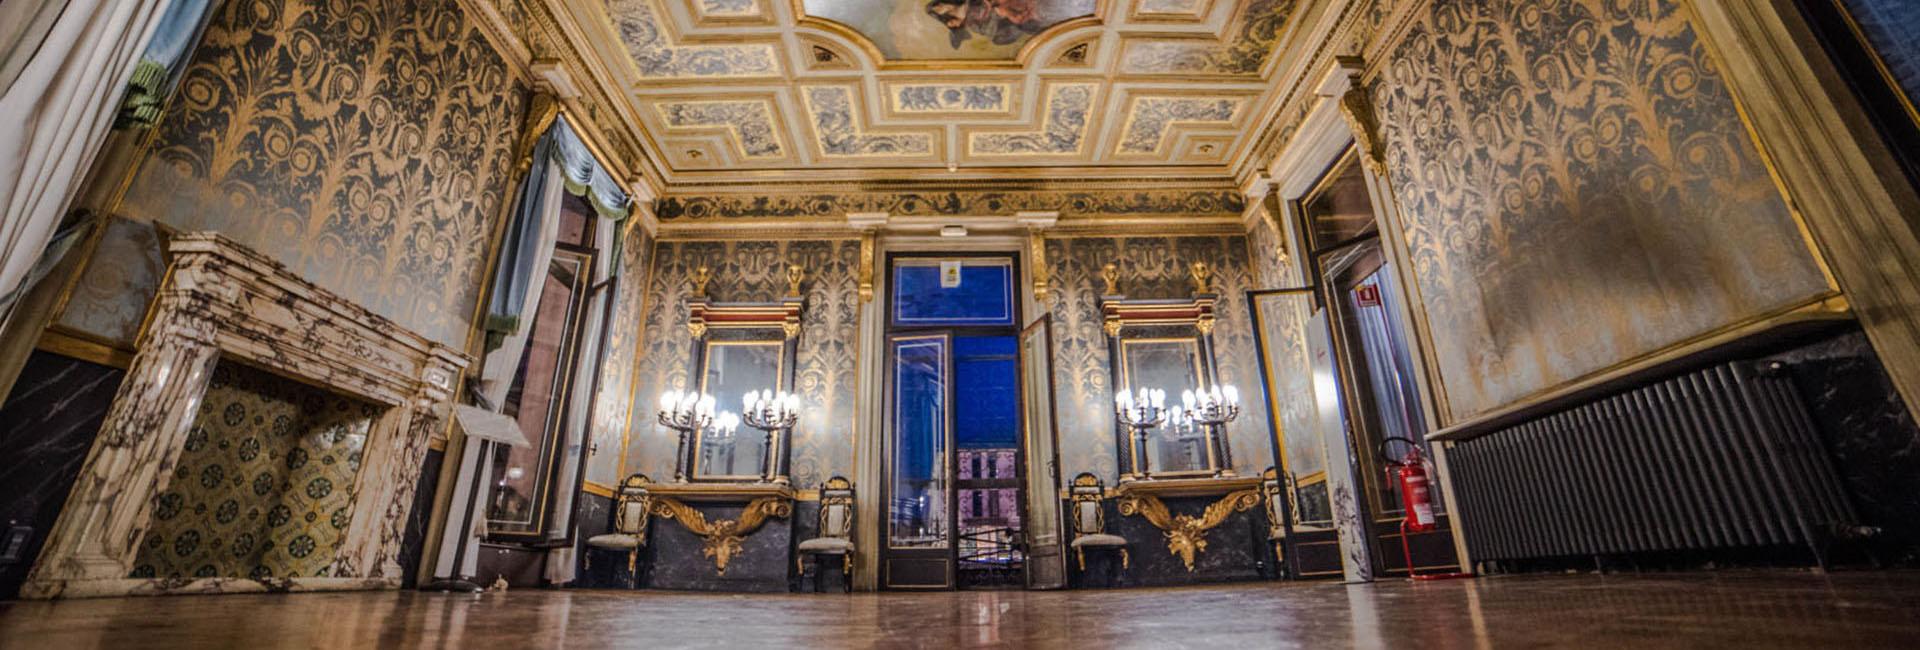 Padova Weekend ©Simone Sartori